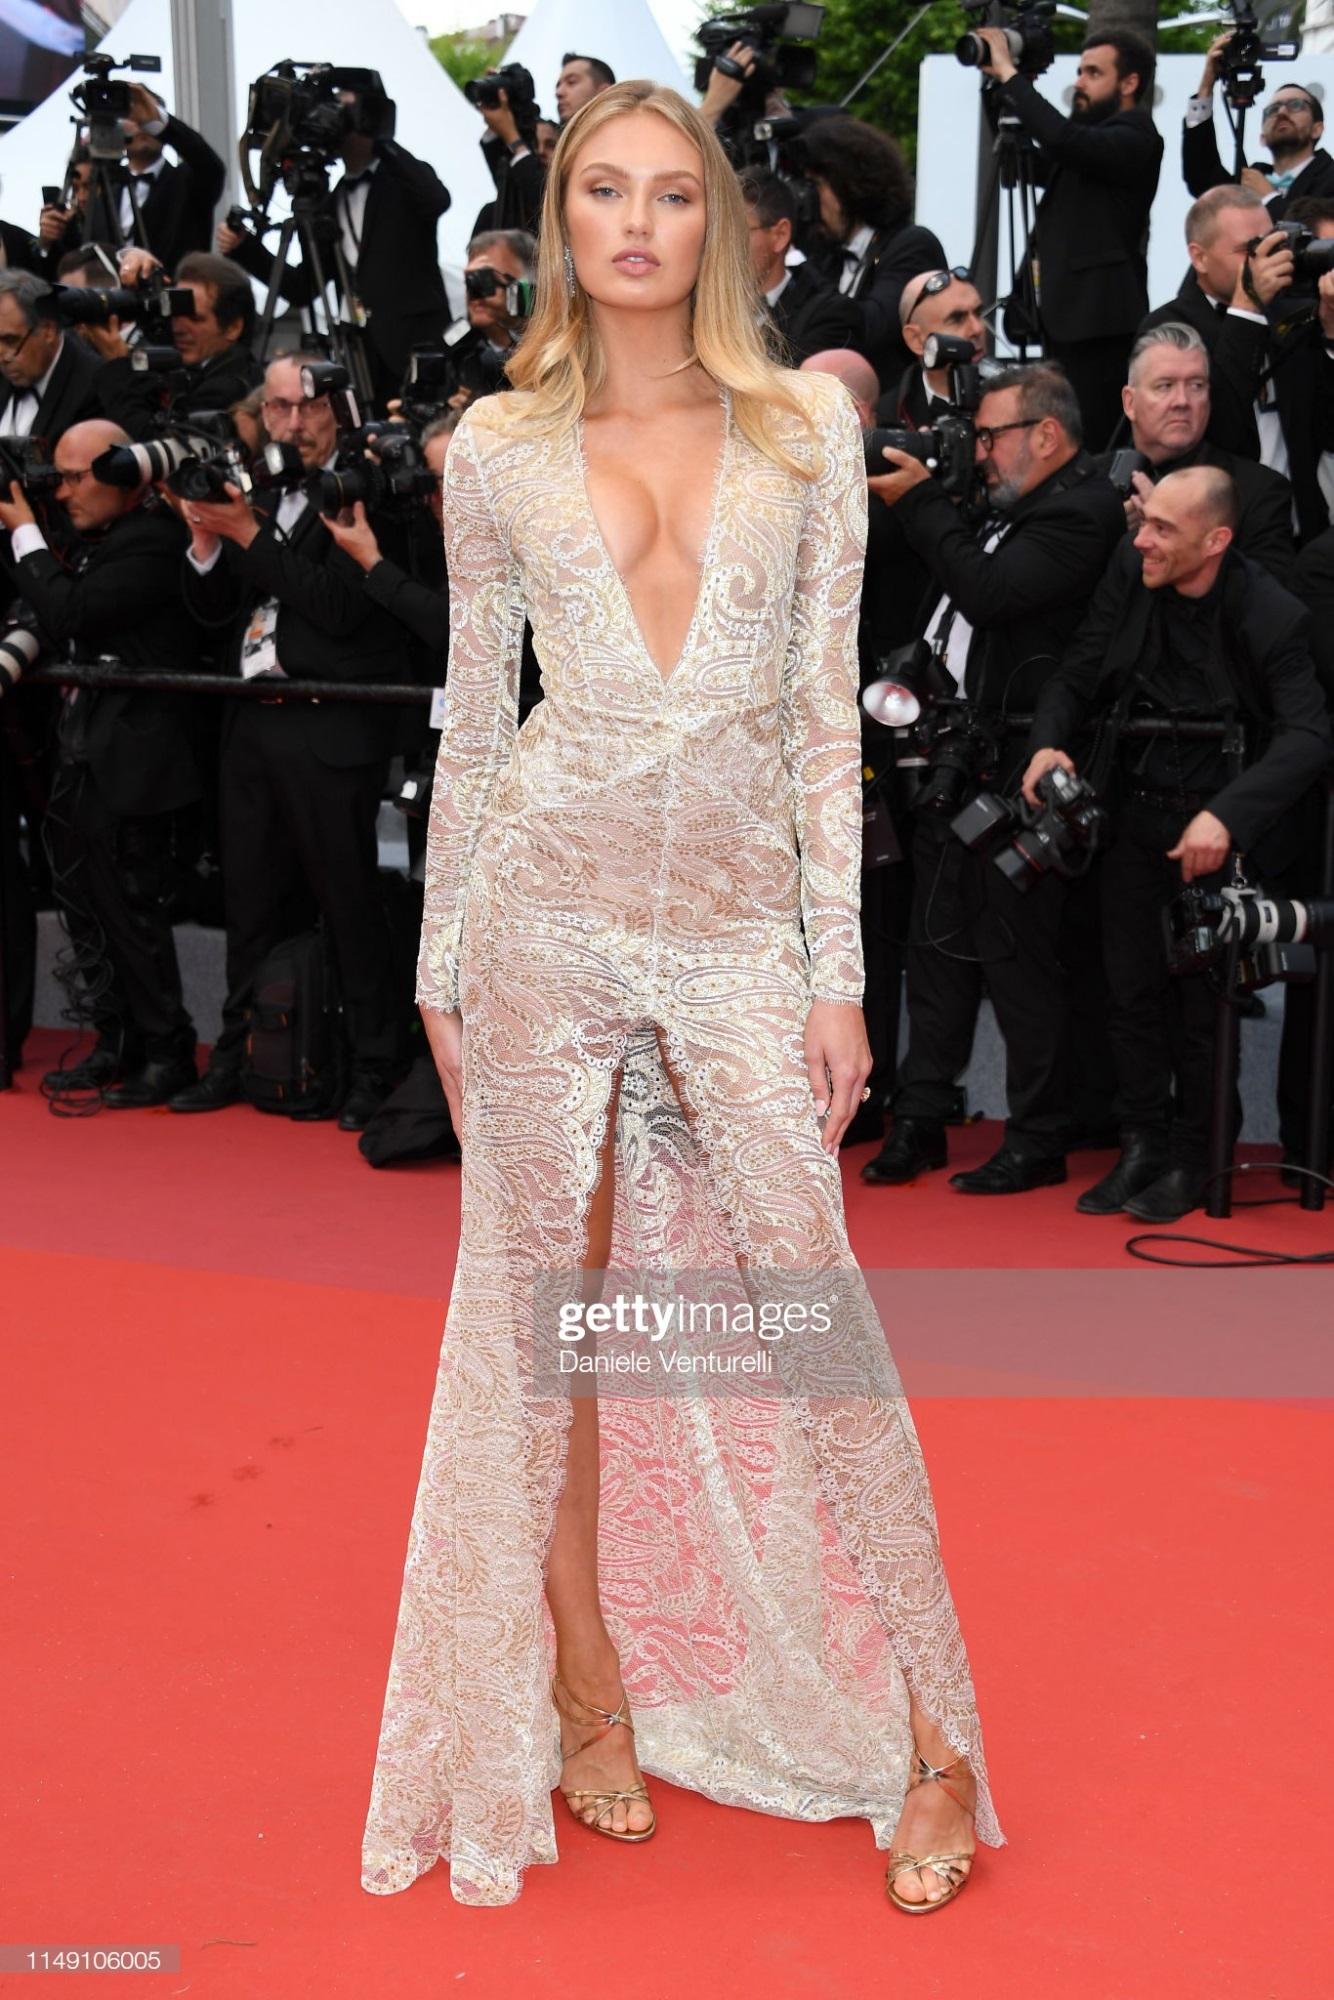 Không có Phạm Băng Băng, sao Hoa ngữ bị lấn át tại thảm đỏ Cannes 2019 - Ảnh 16